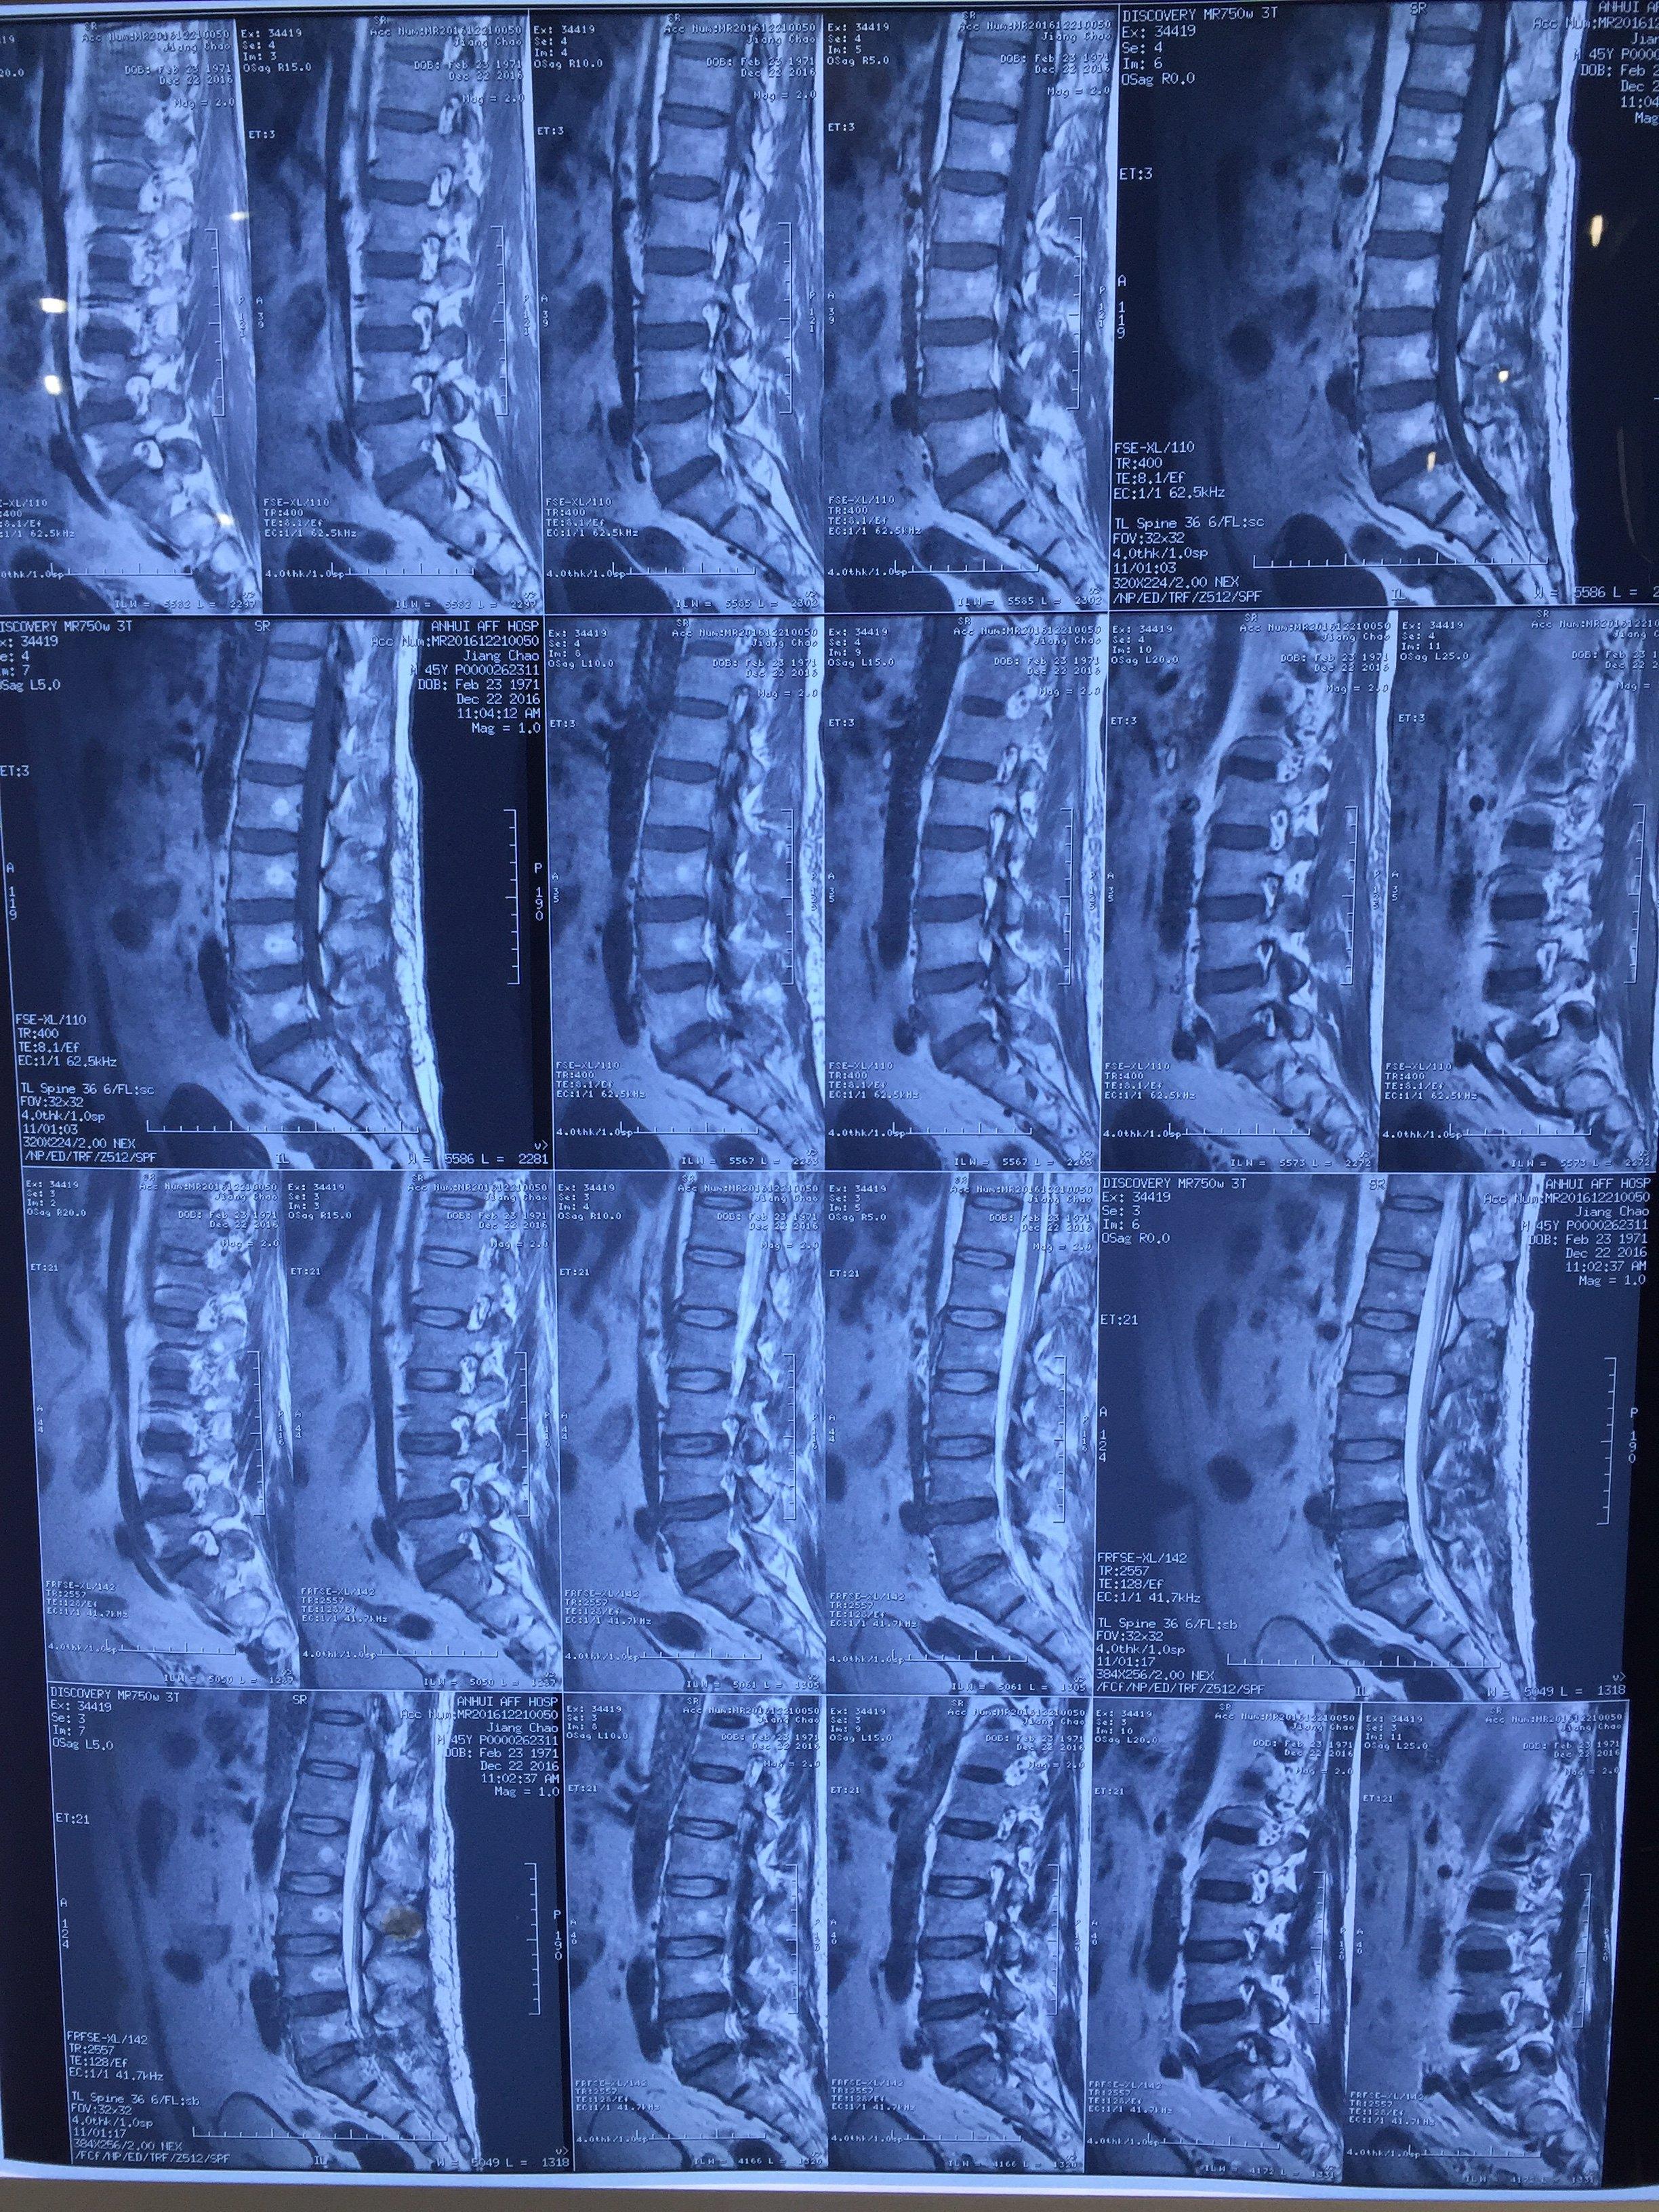 腰5骶1椎间盘突出